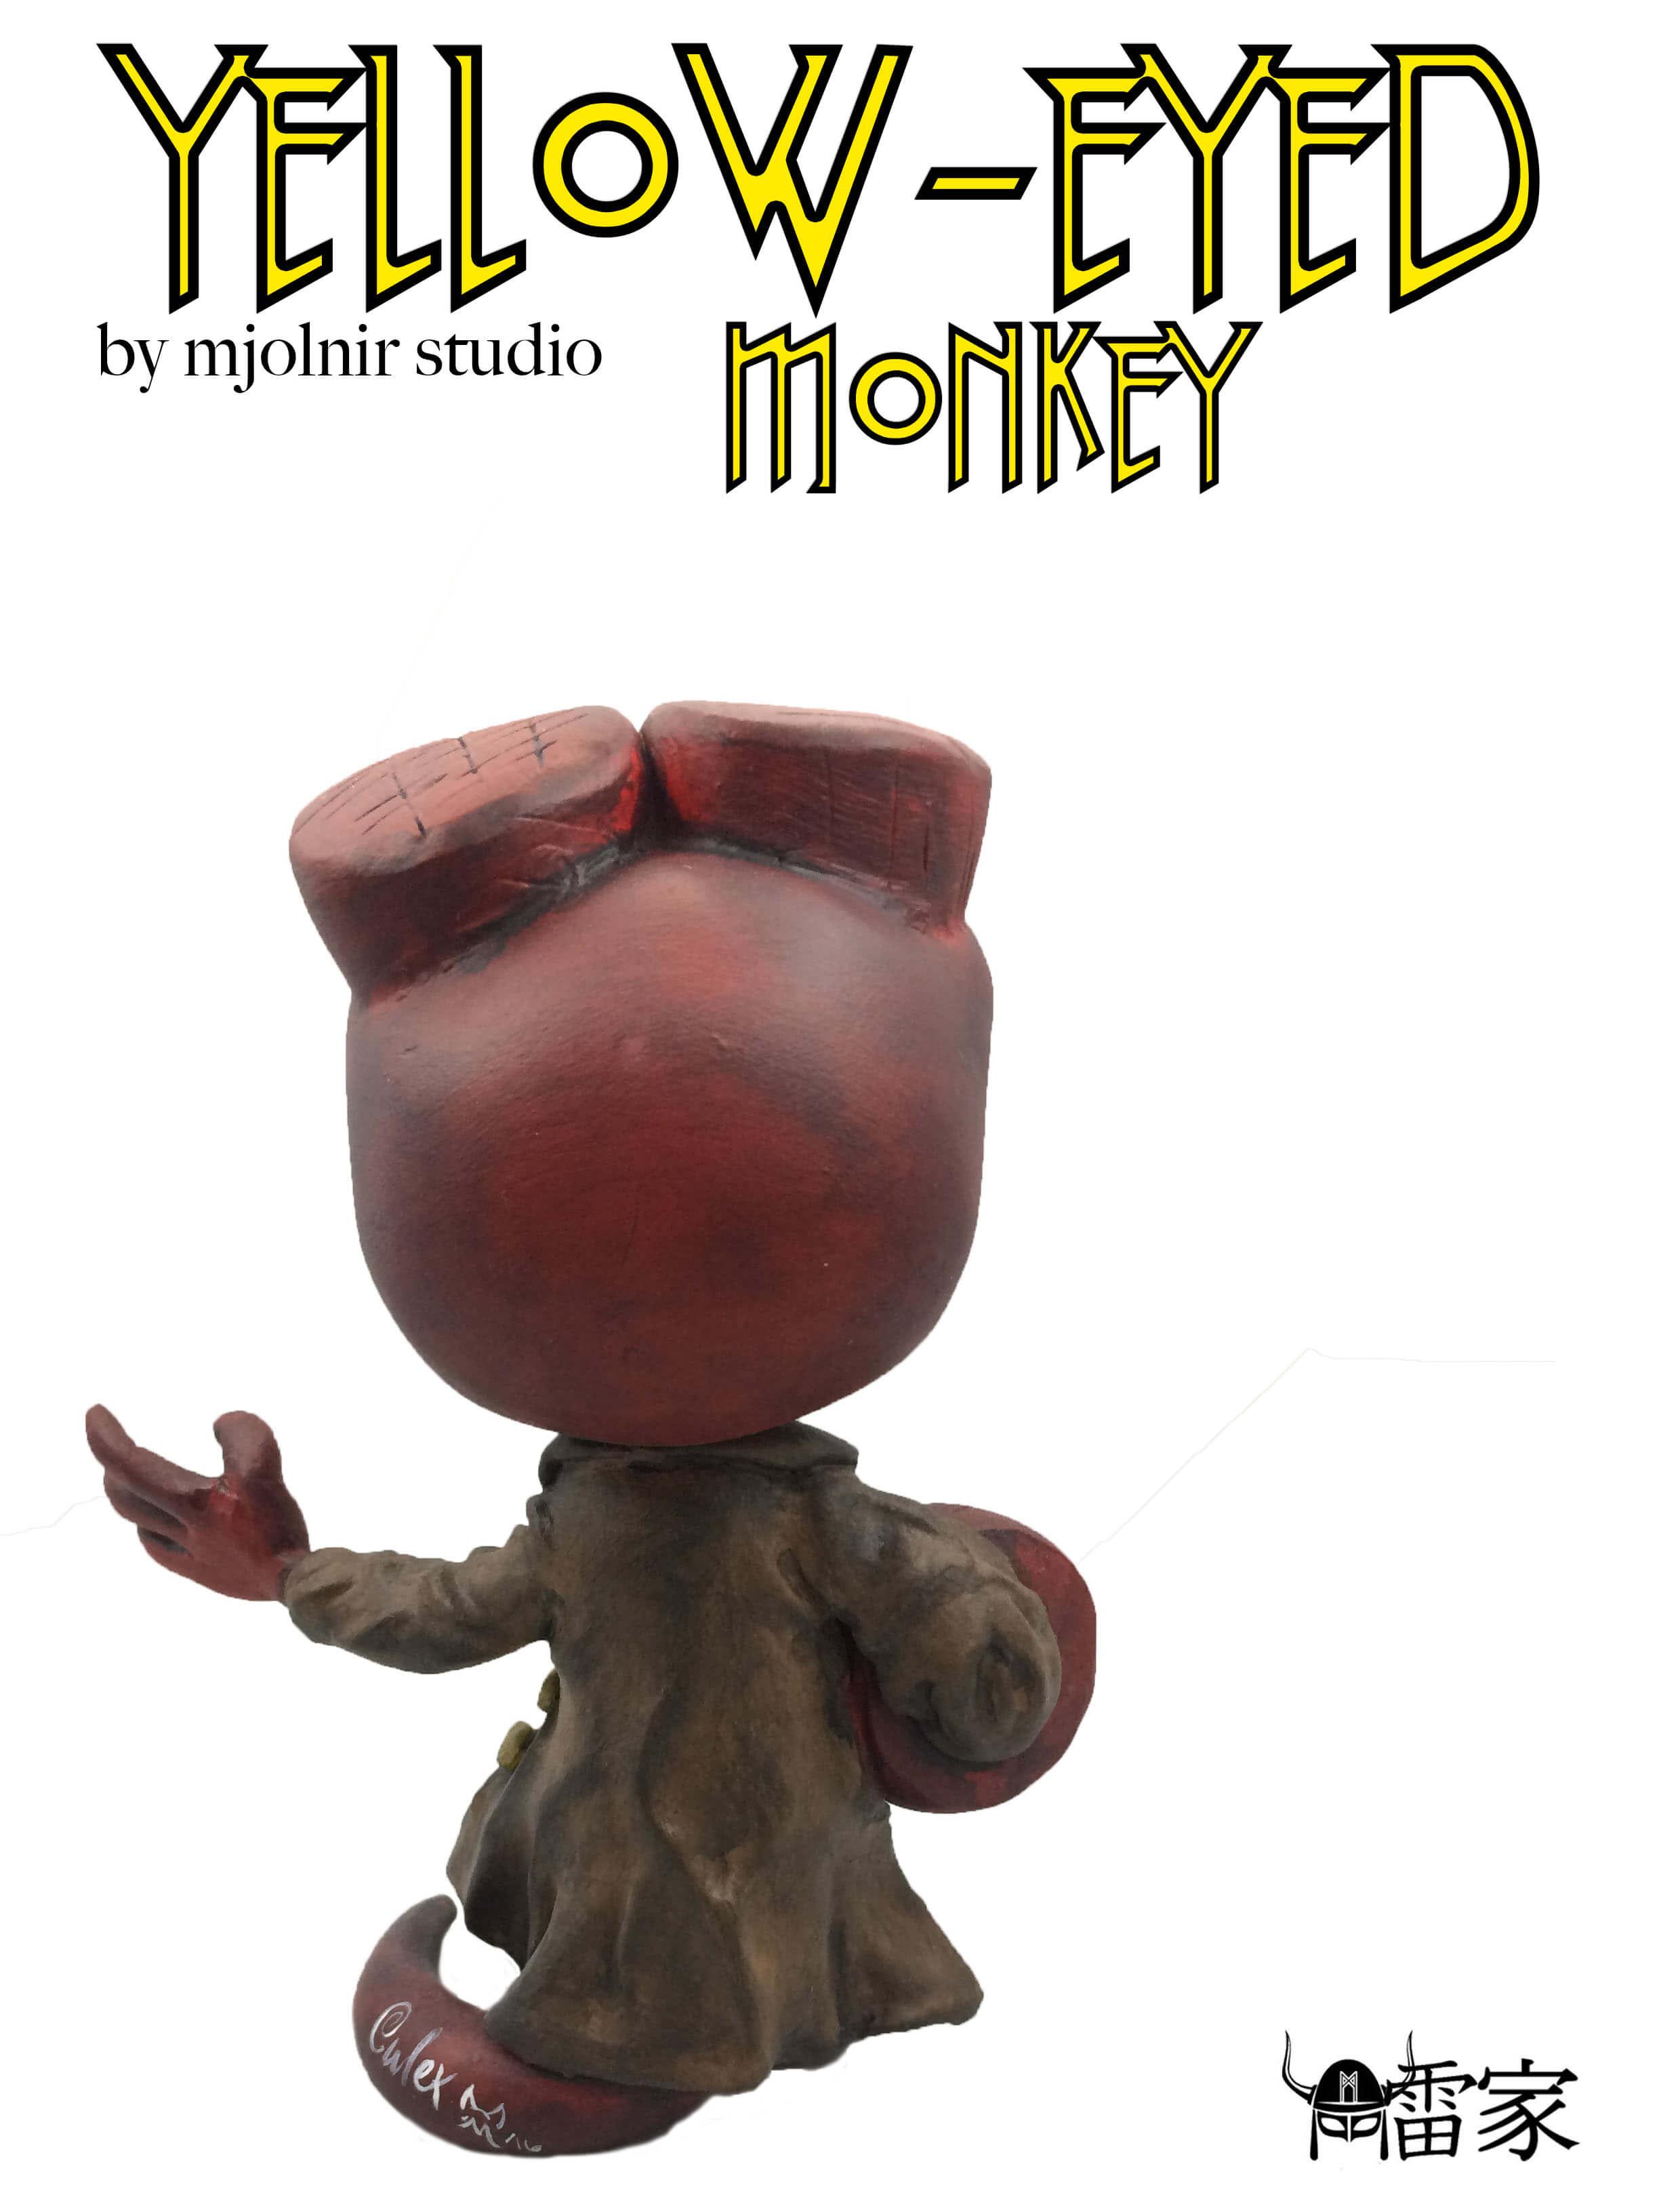 yellow-eyed-monkey-reveal-by-mjolnir-studio-2